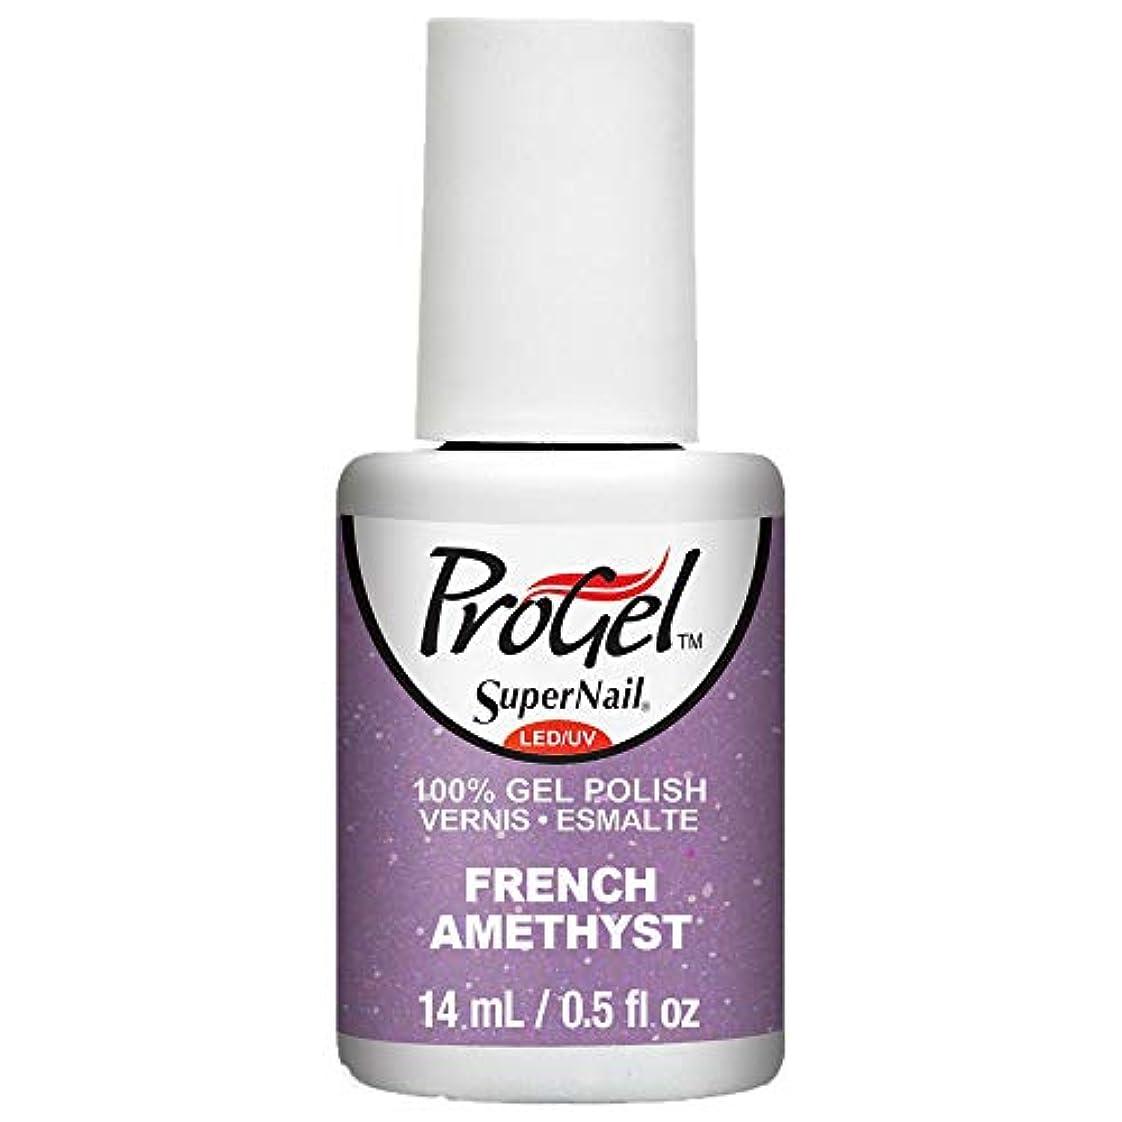 ウィザードポーターシーズンSuperNail ProGel Gel Polish - French Amethyst - 0.5oz / 14ml